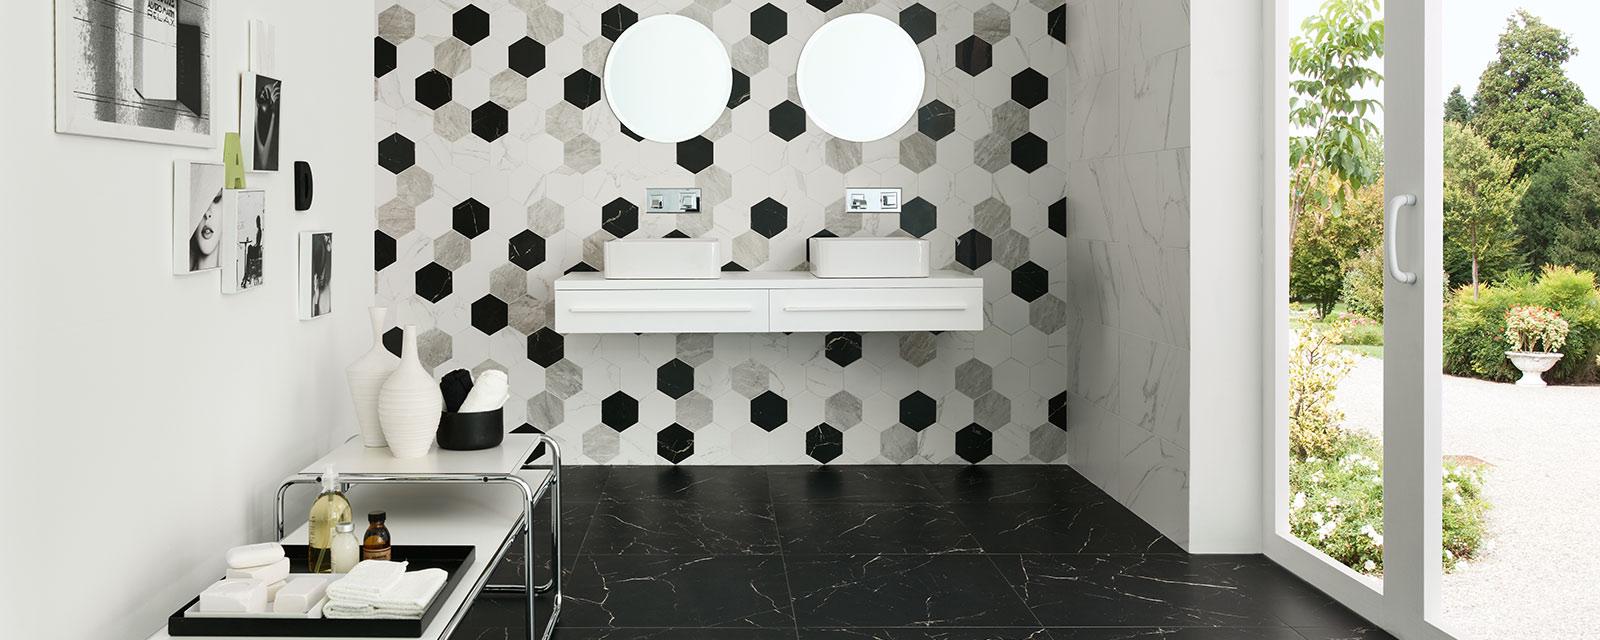 carrelage hexagonal dans la salle de